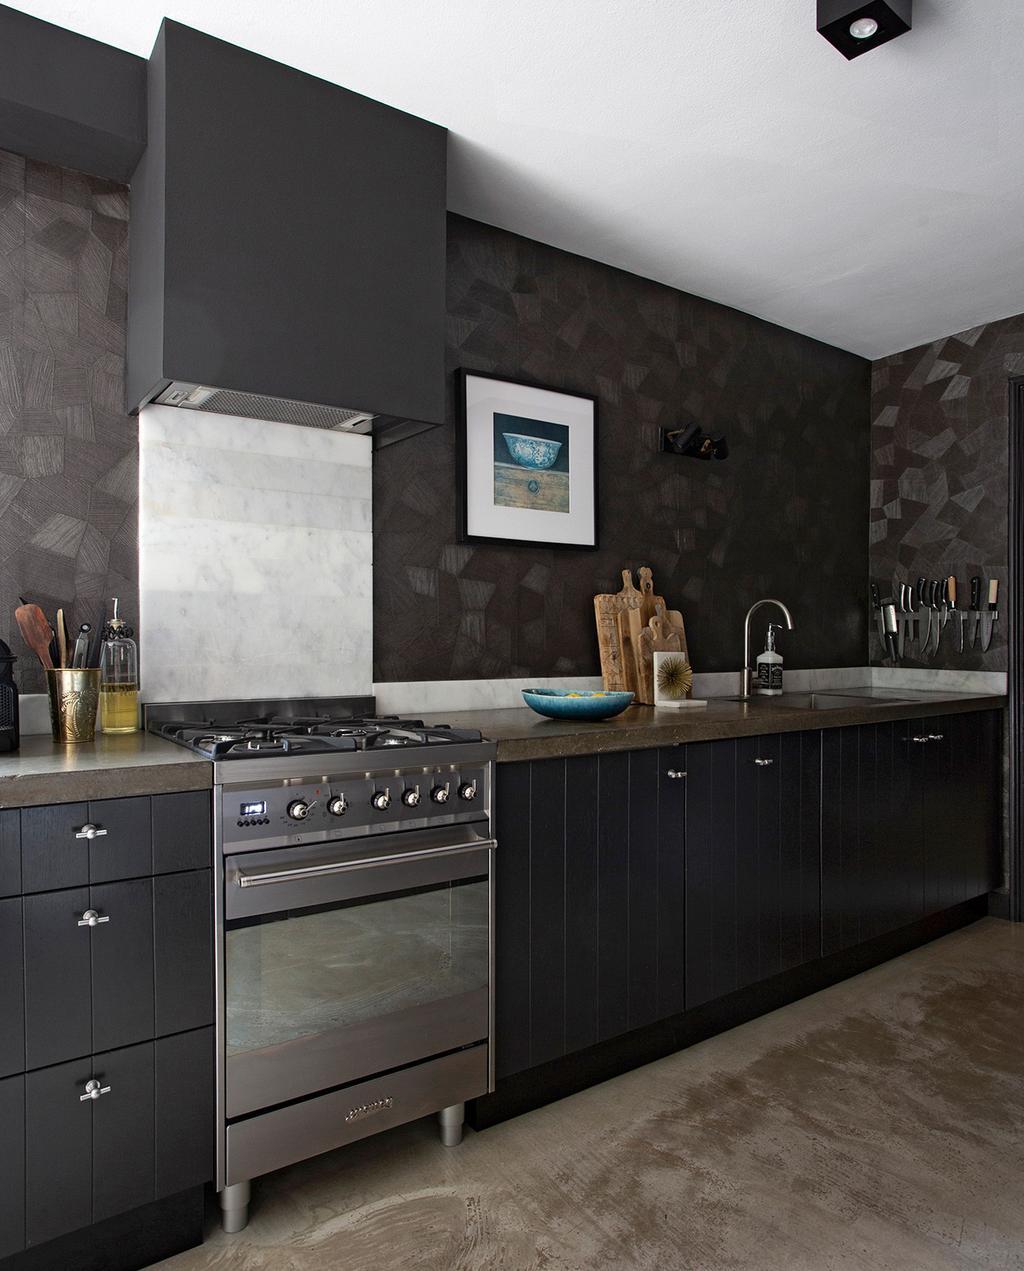 vtwonen 06-2021 | zwarte keuken met zilver fornuis en reliëf werk op de muur